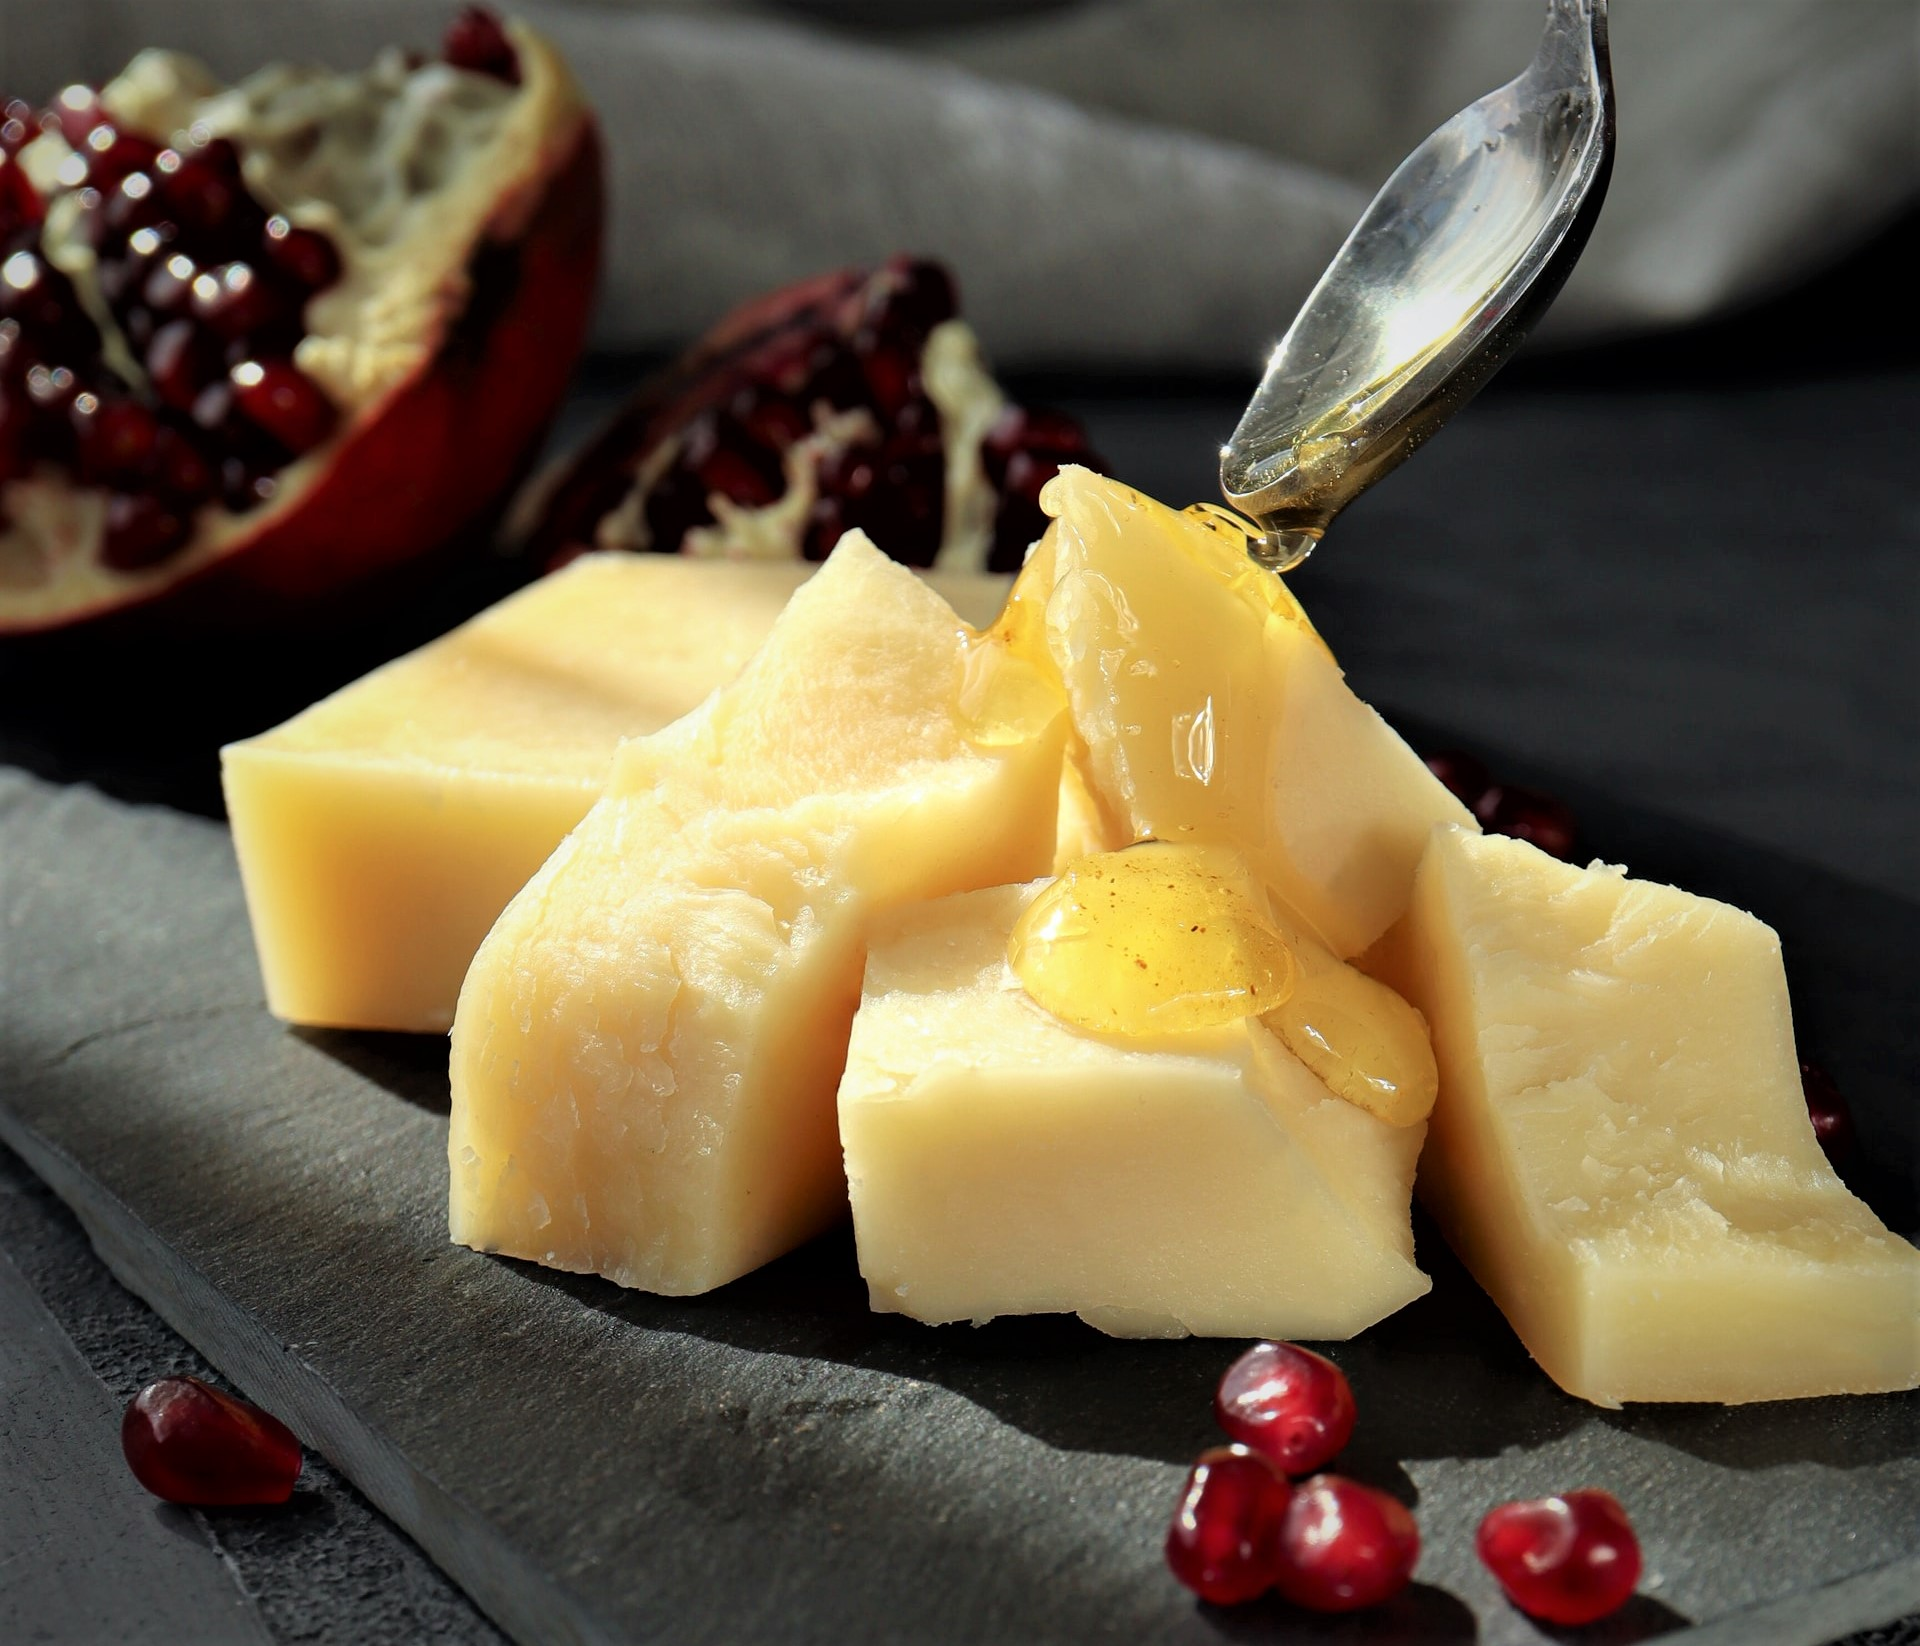 post image : La différence entre le Parmigiano Reggiano et le Grana Padano